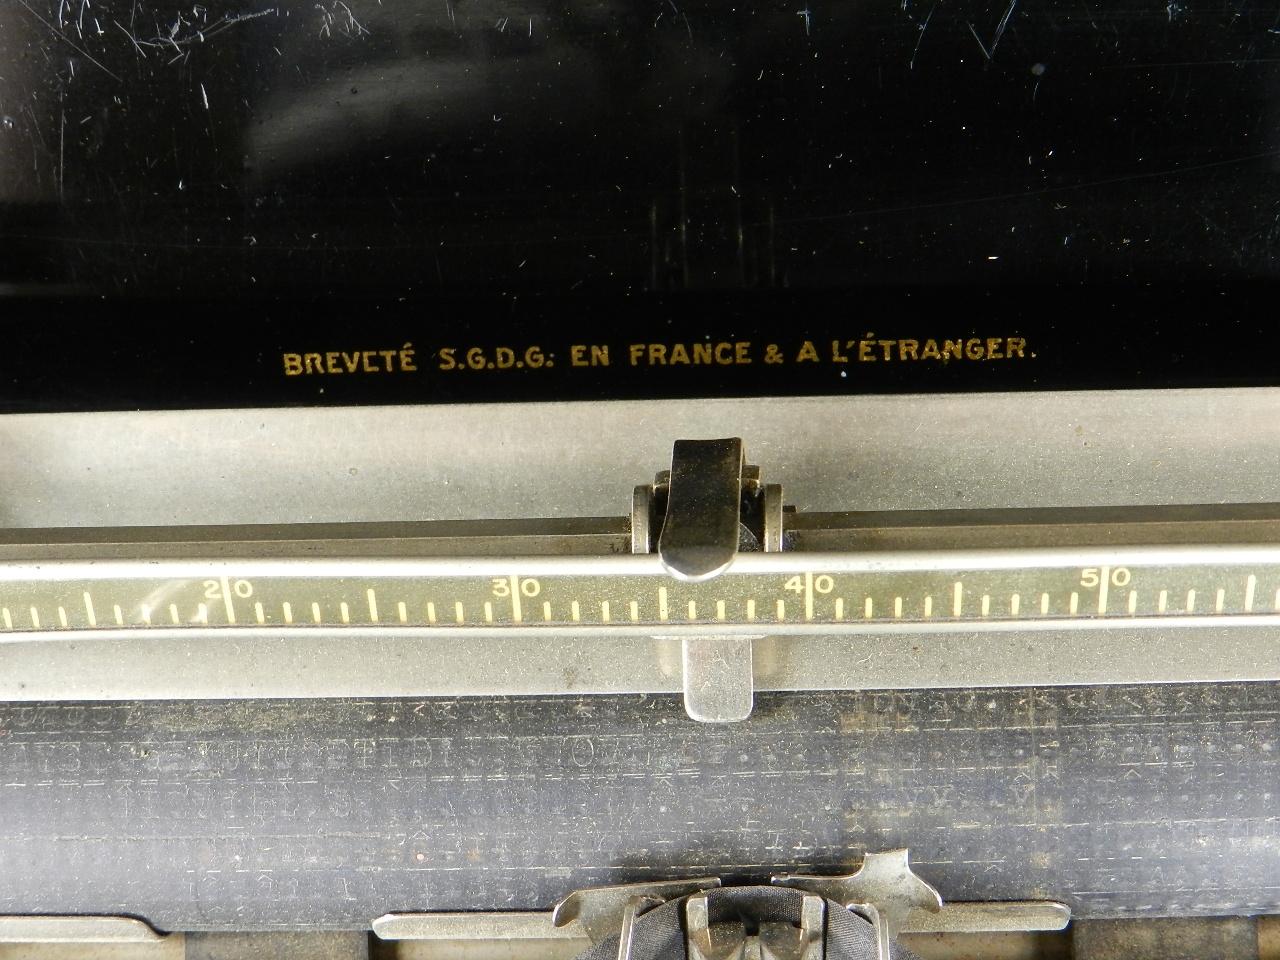 Imagen TYPO  AÑO 1915 + Caja de madera 27027